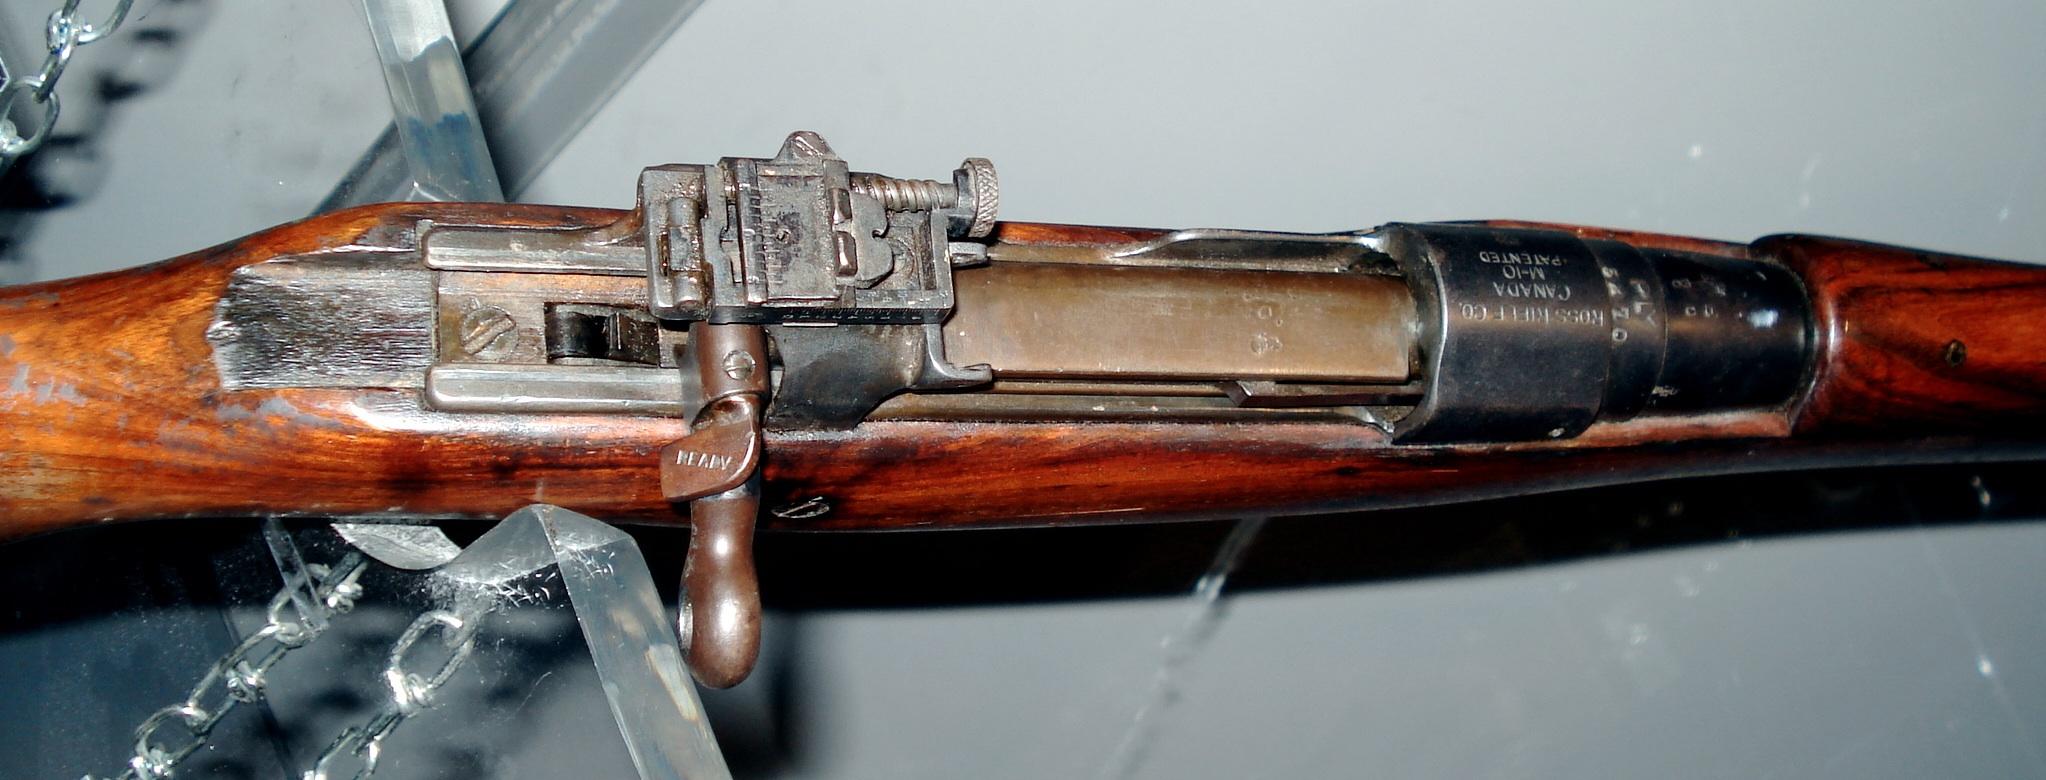 Ross rifle - Wikipedia